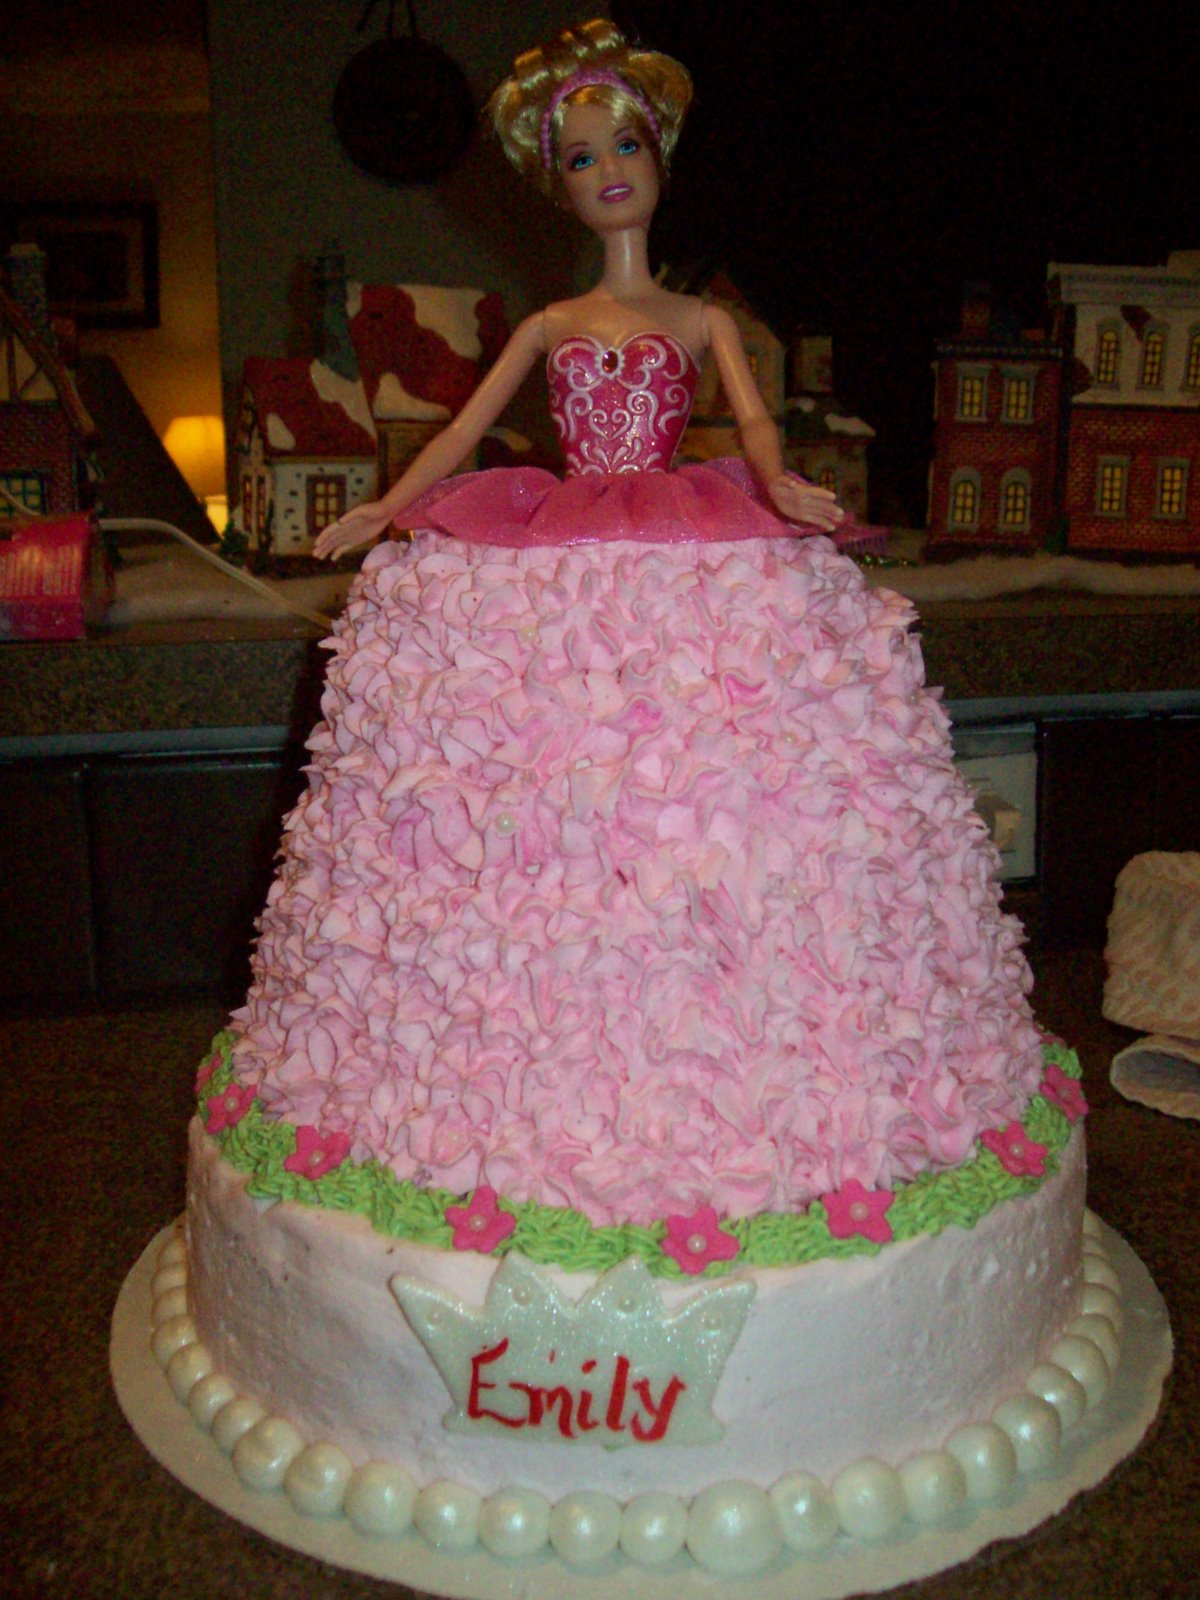 Barbie Princess Cake Design : Cakes By Design: Barbie Princess Cake